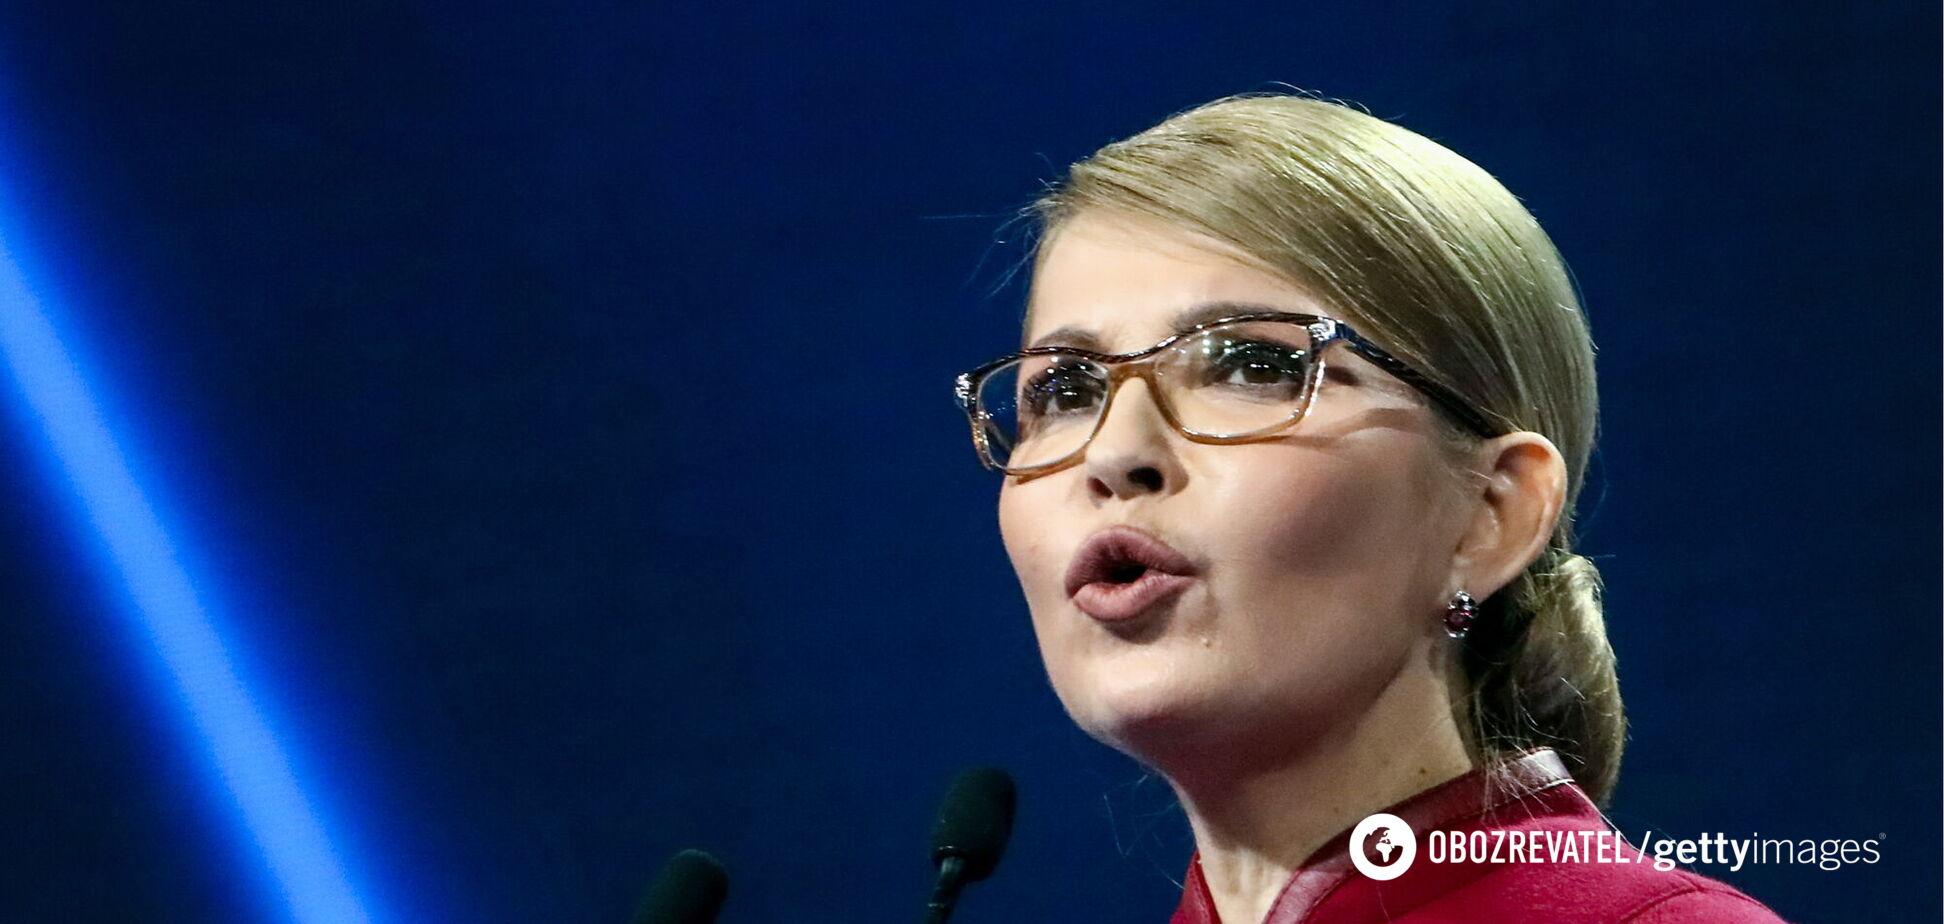 Тимошенко продемонстрировала классический образ в Раде